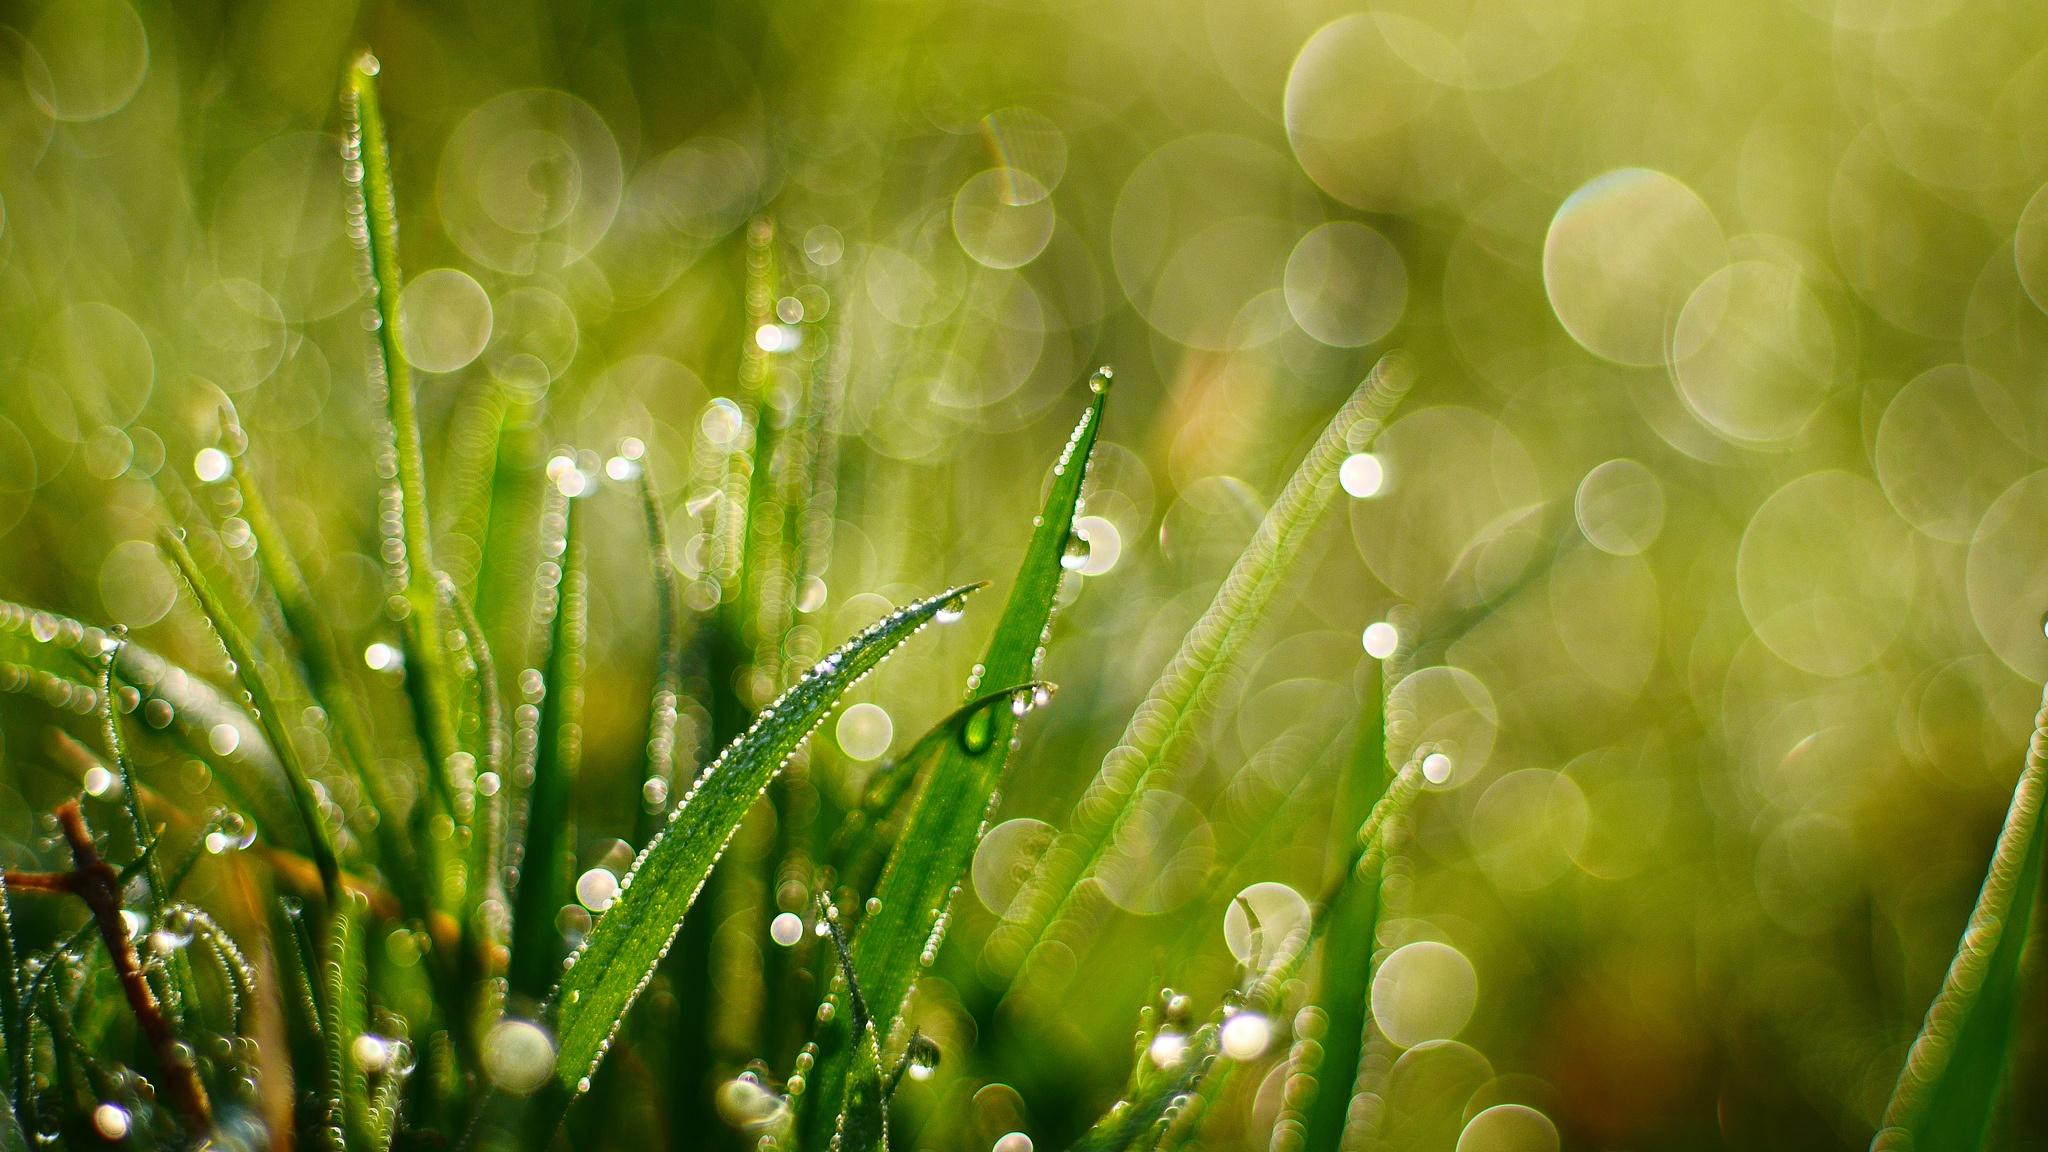 Bokeh Grass Macro Water Drop 2048x1152